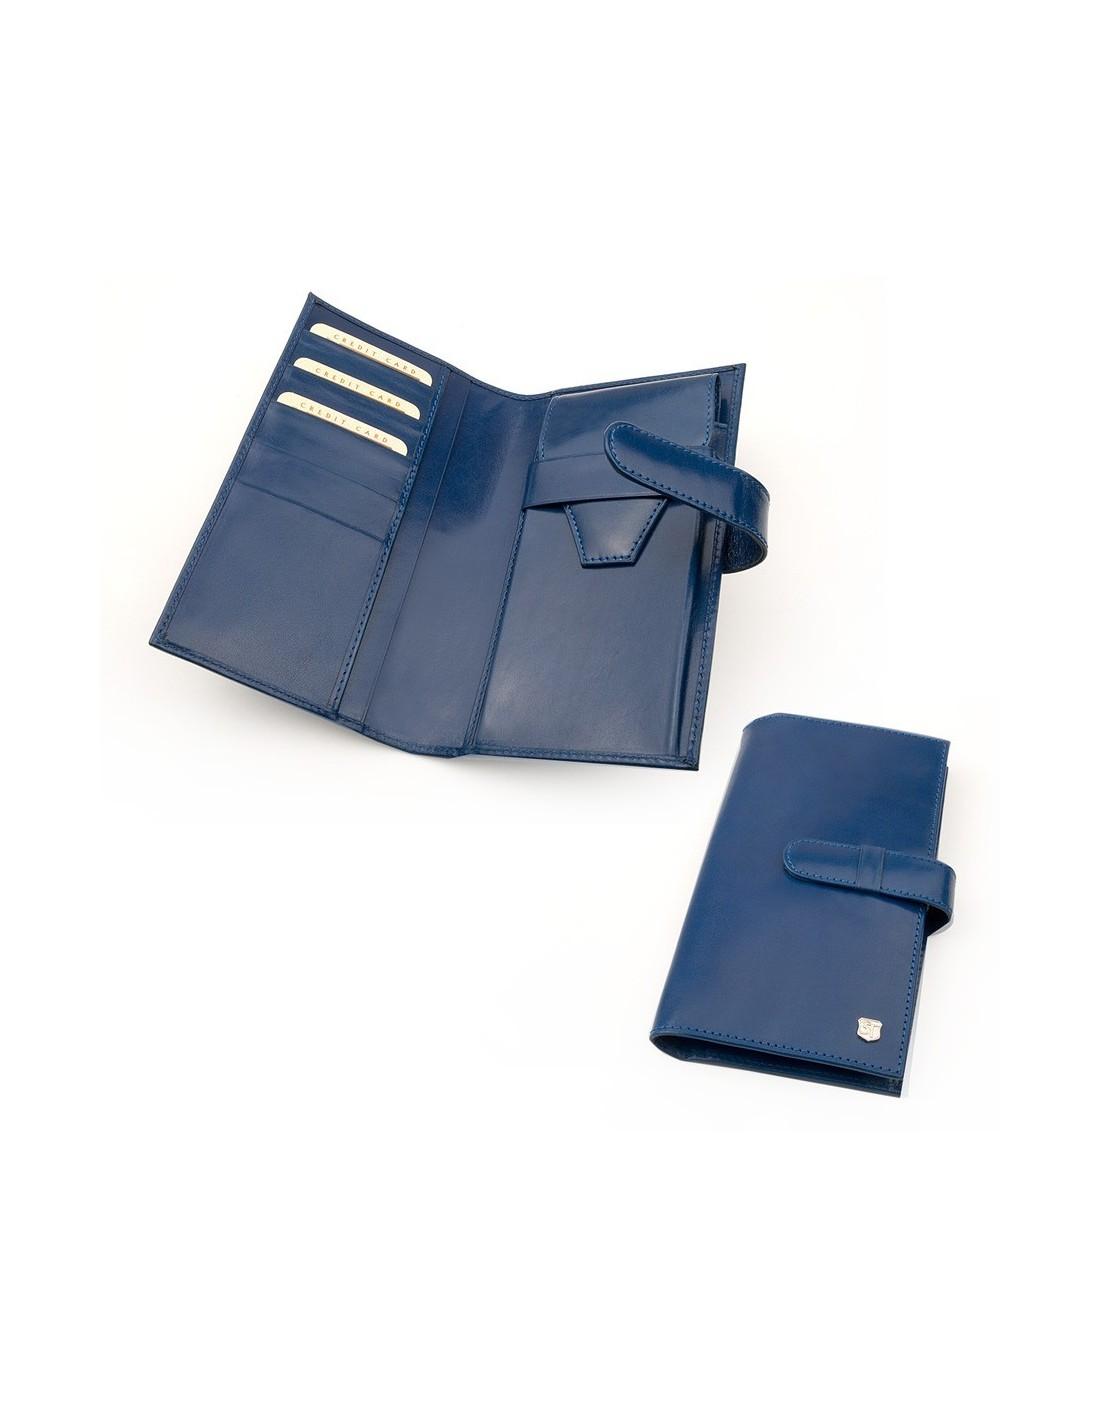 da17e126b0a65 Etui na długopisy i karty skórzane z własnym nadrukiem